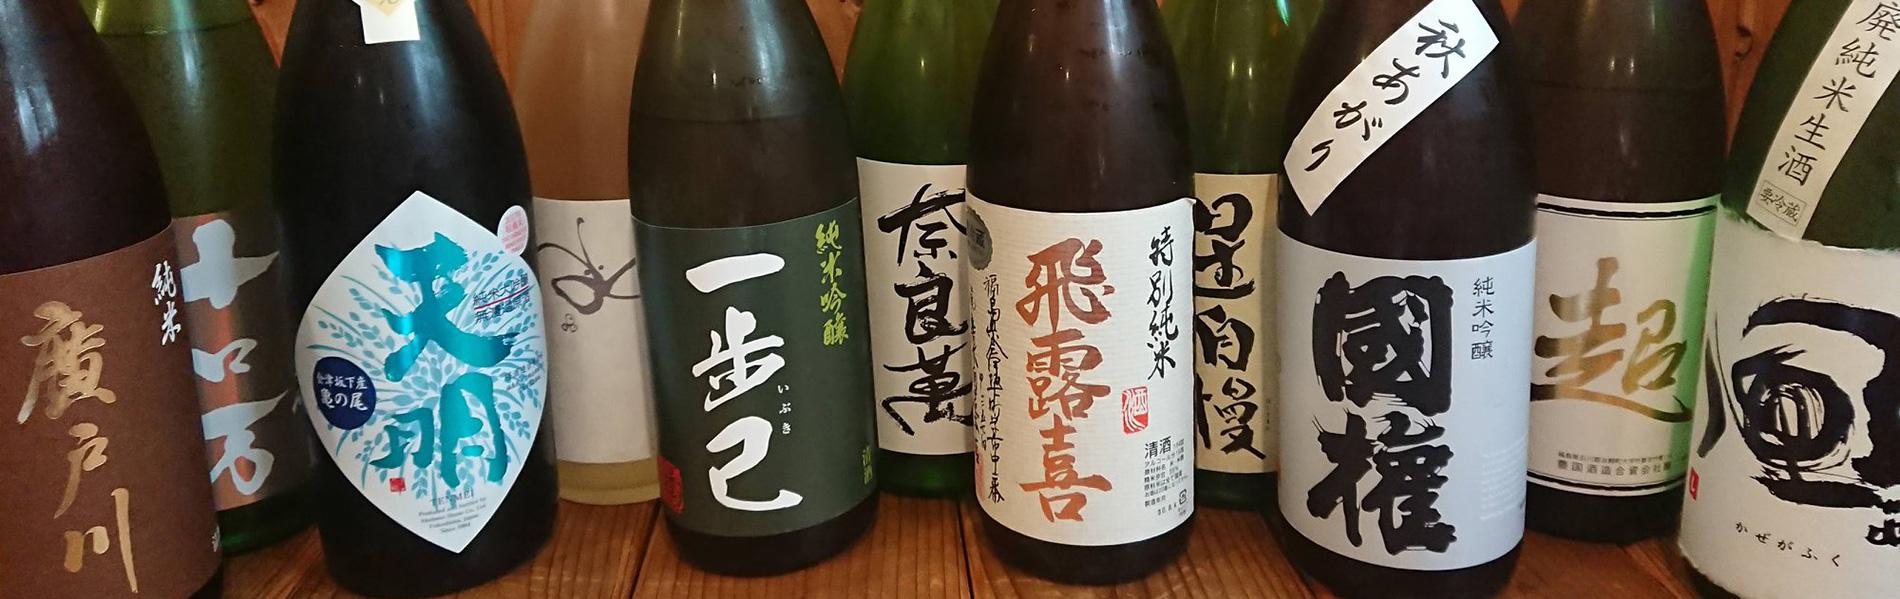 季節ごとに様々な「福島地酒」をご用意しております